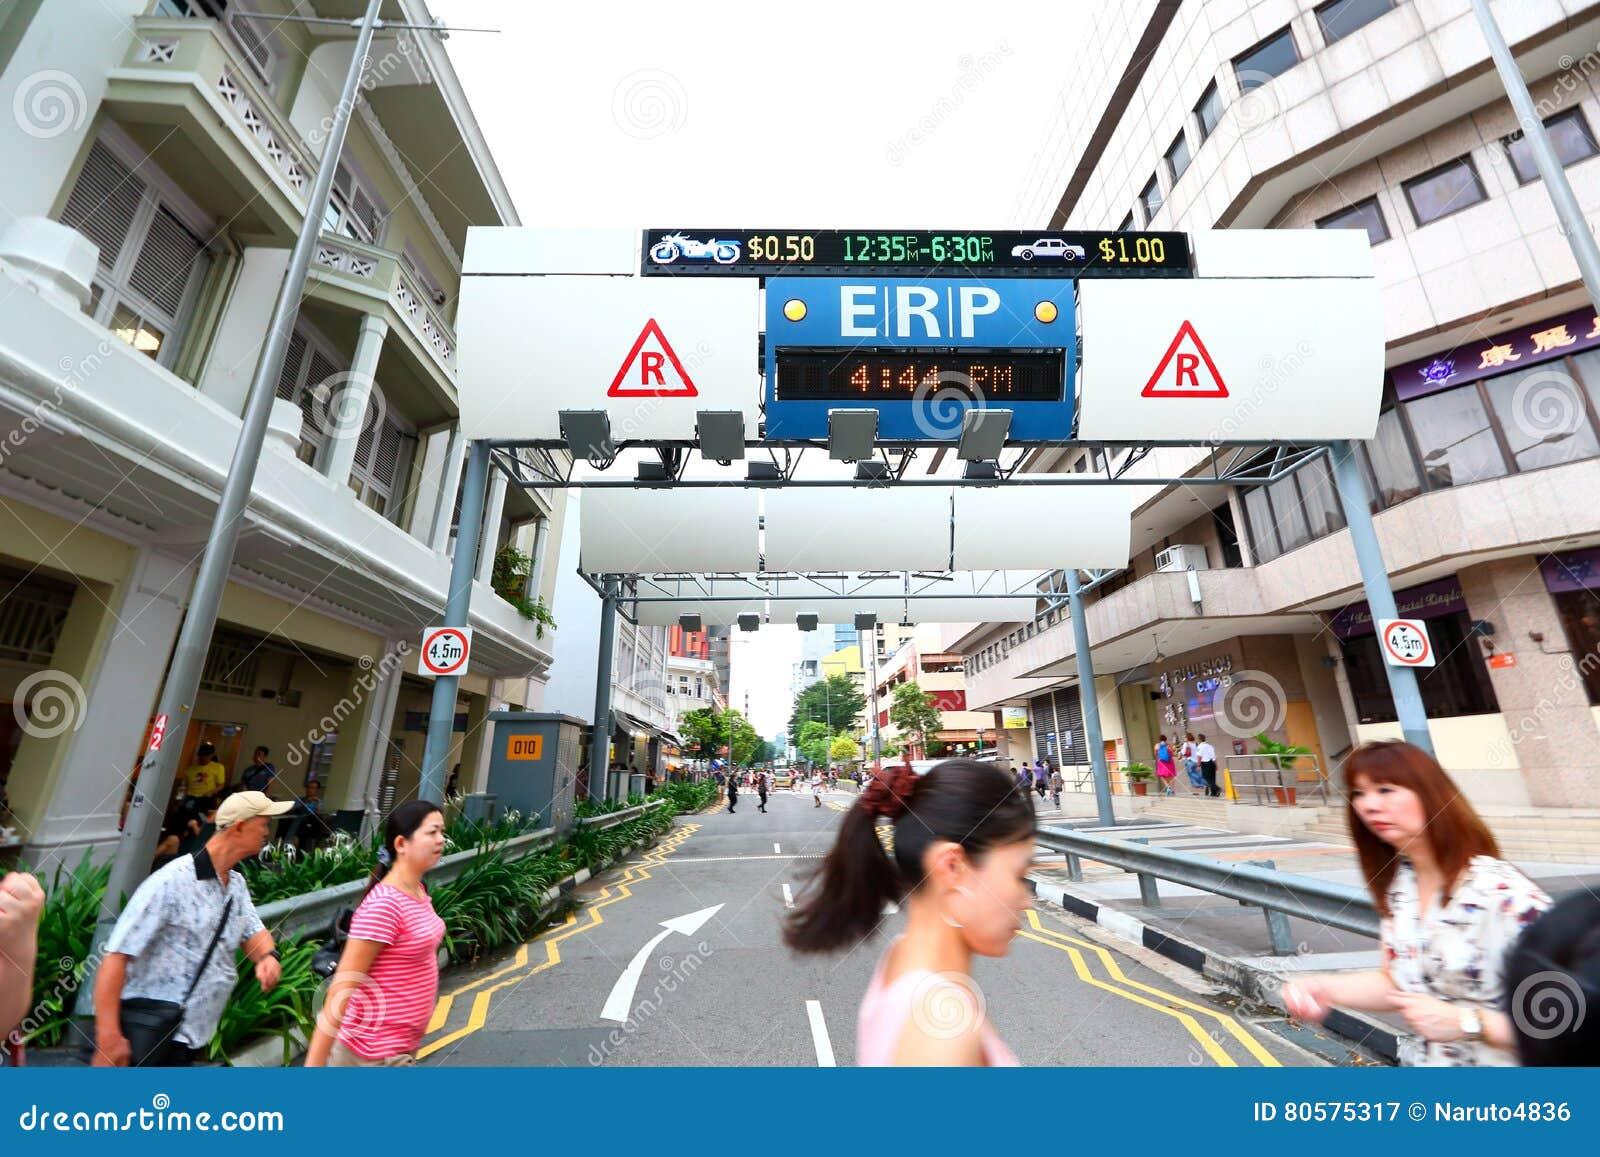 Σιγκαπούρη: Ηλεκτρονική οδική τιμολόγηση